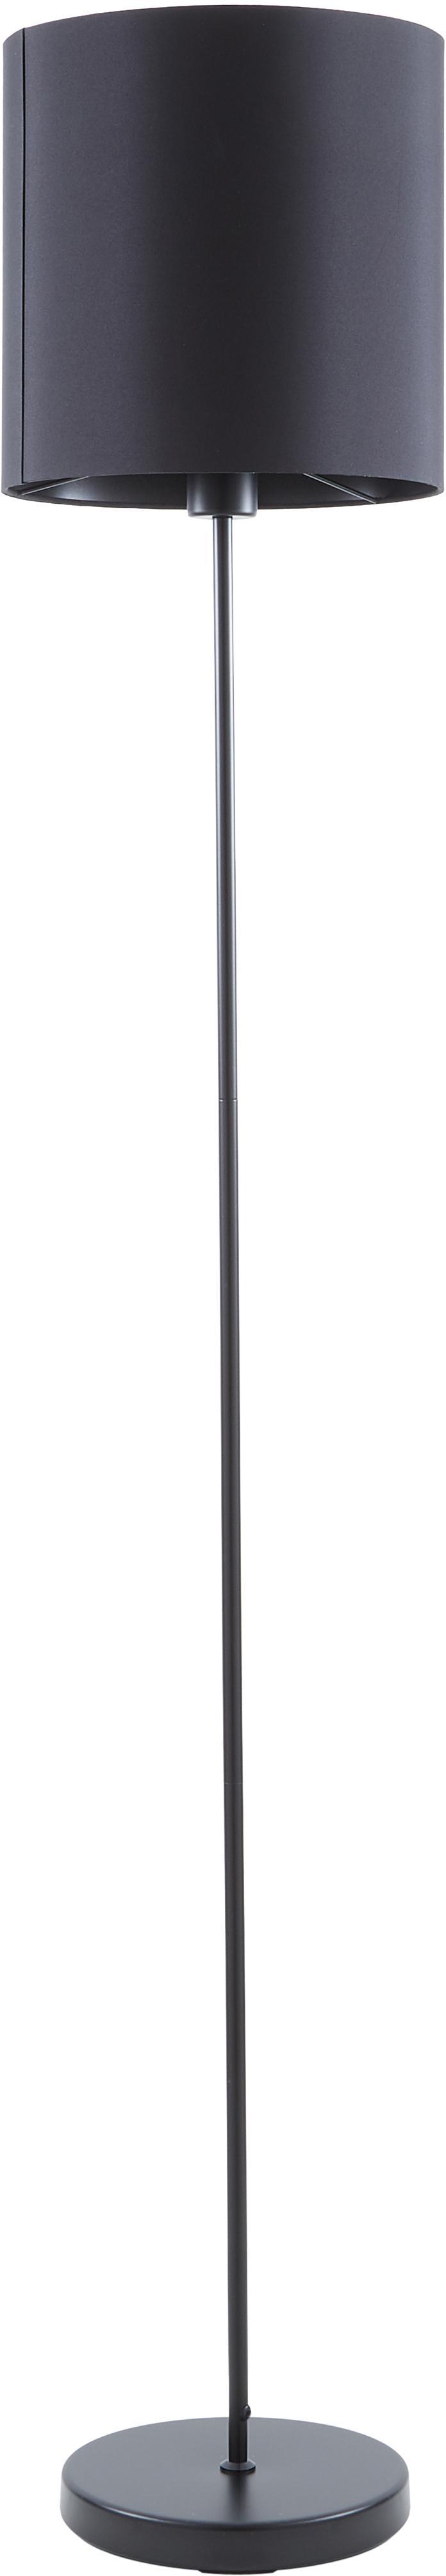 Stehlampe Harry in Schwarz, Lampenschirm: Textil, Lampenfuß: Metall, pulverbeschichtet, Schwarz, ∅ 28 x H 158 cm